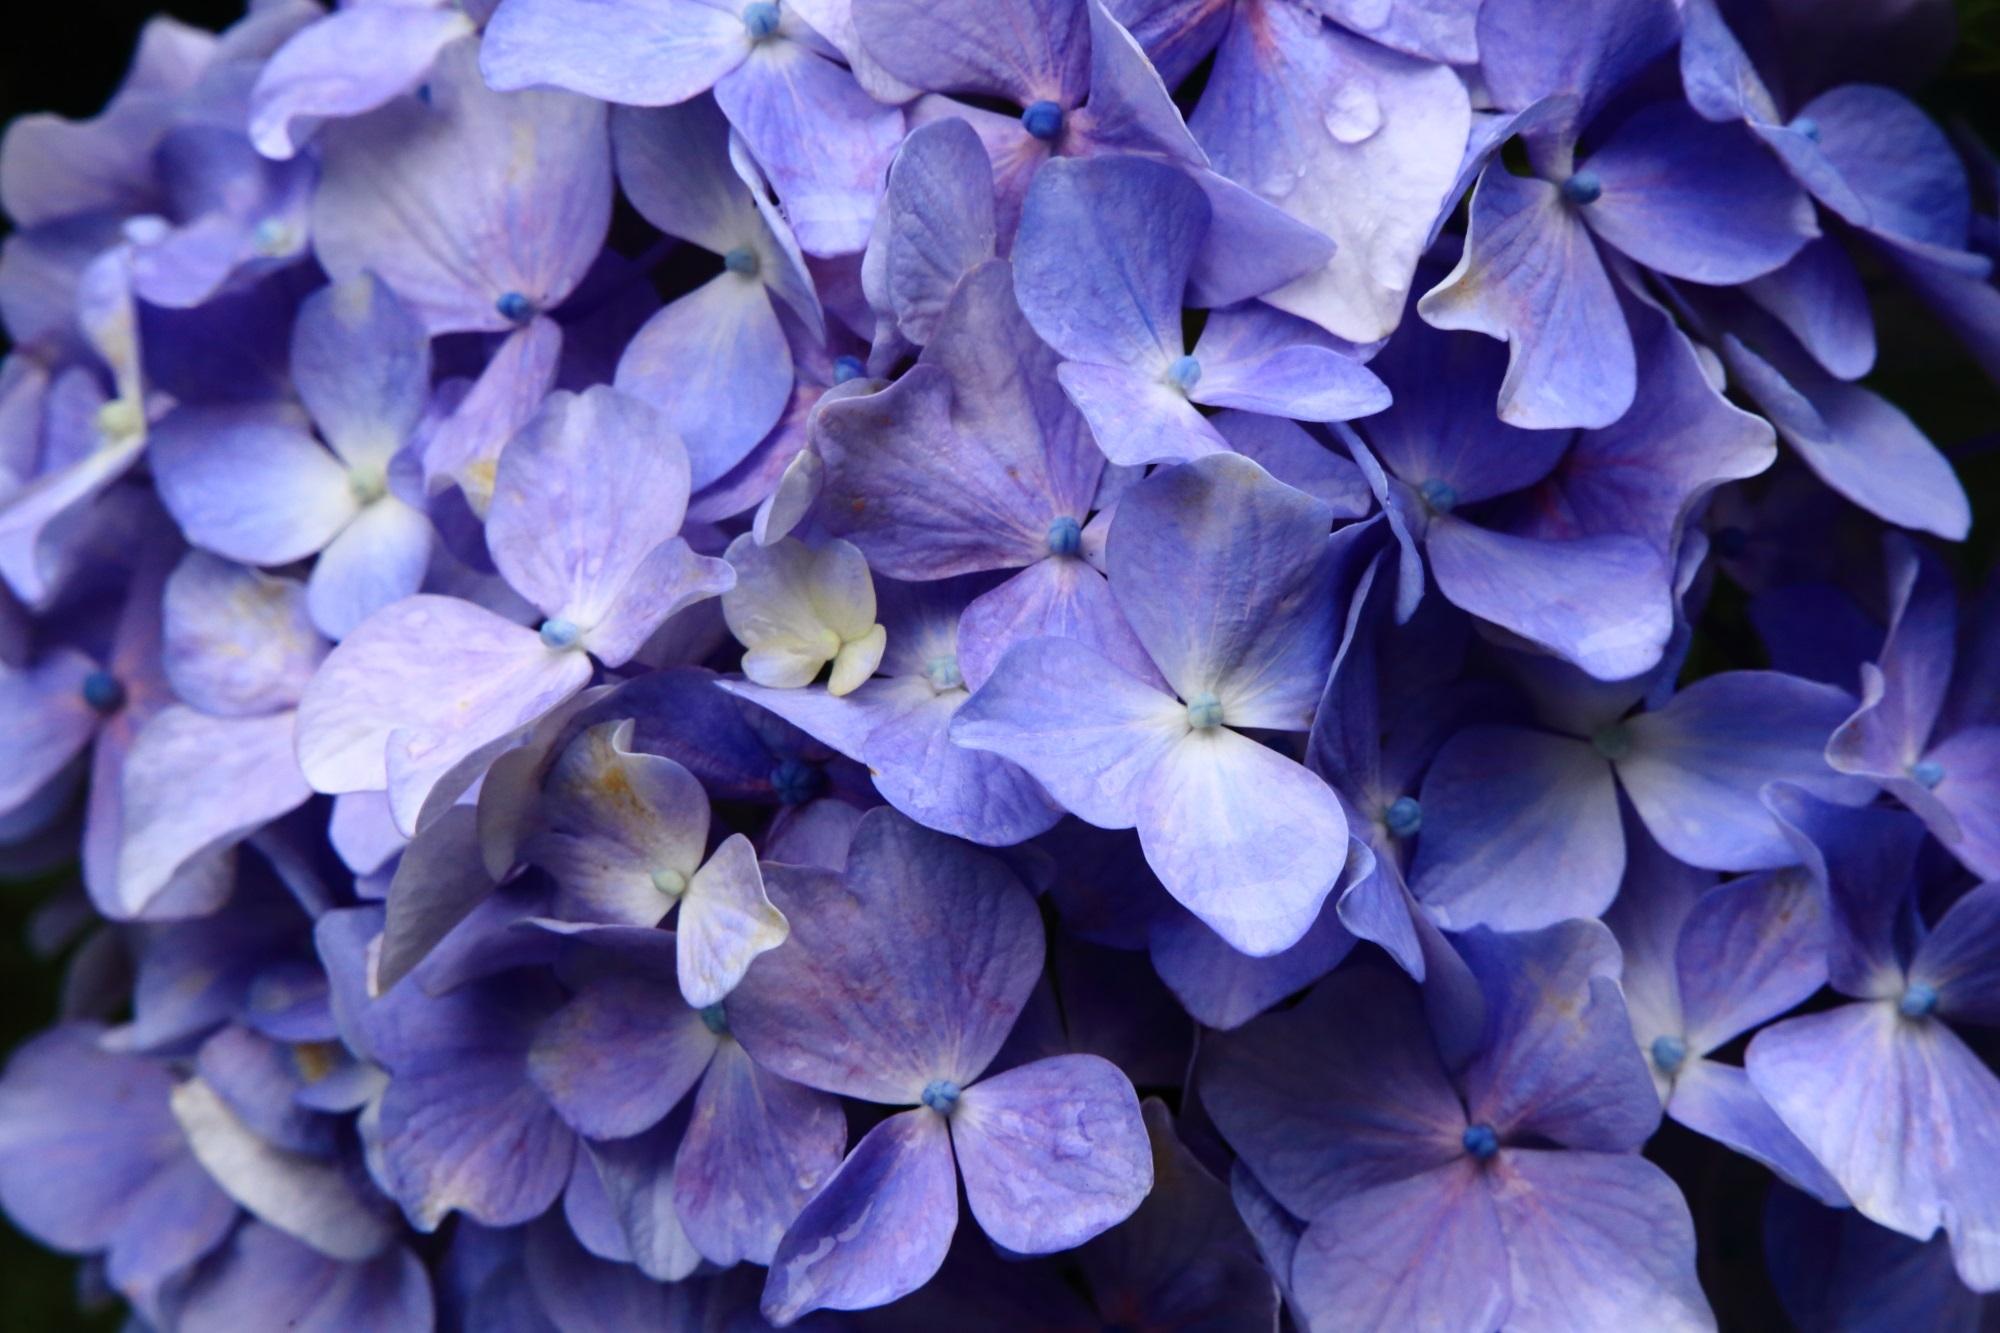 福知山観音寺の美しく妖艶な薄い青色の紫陽花